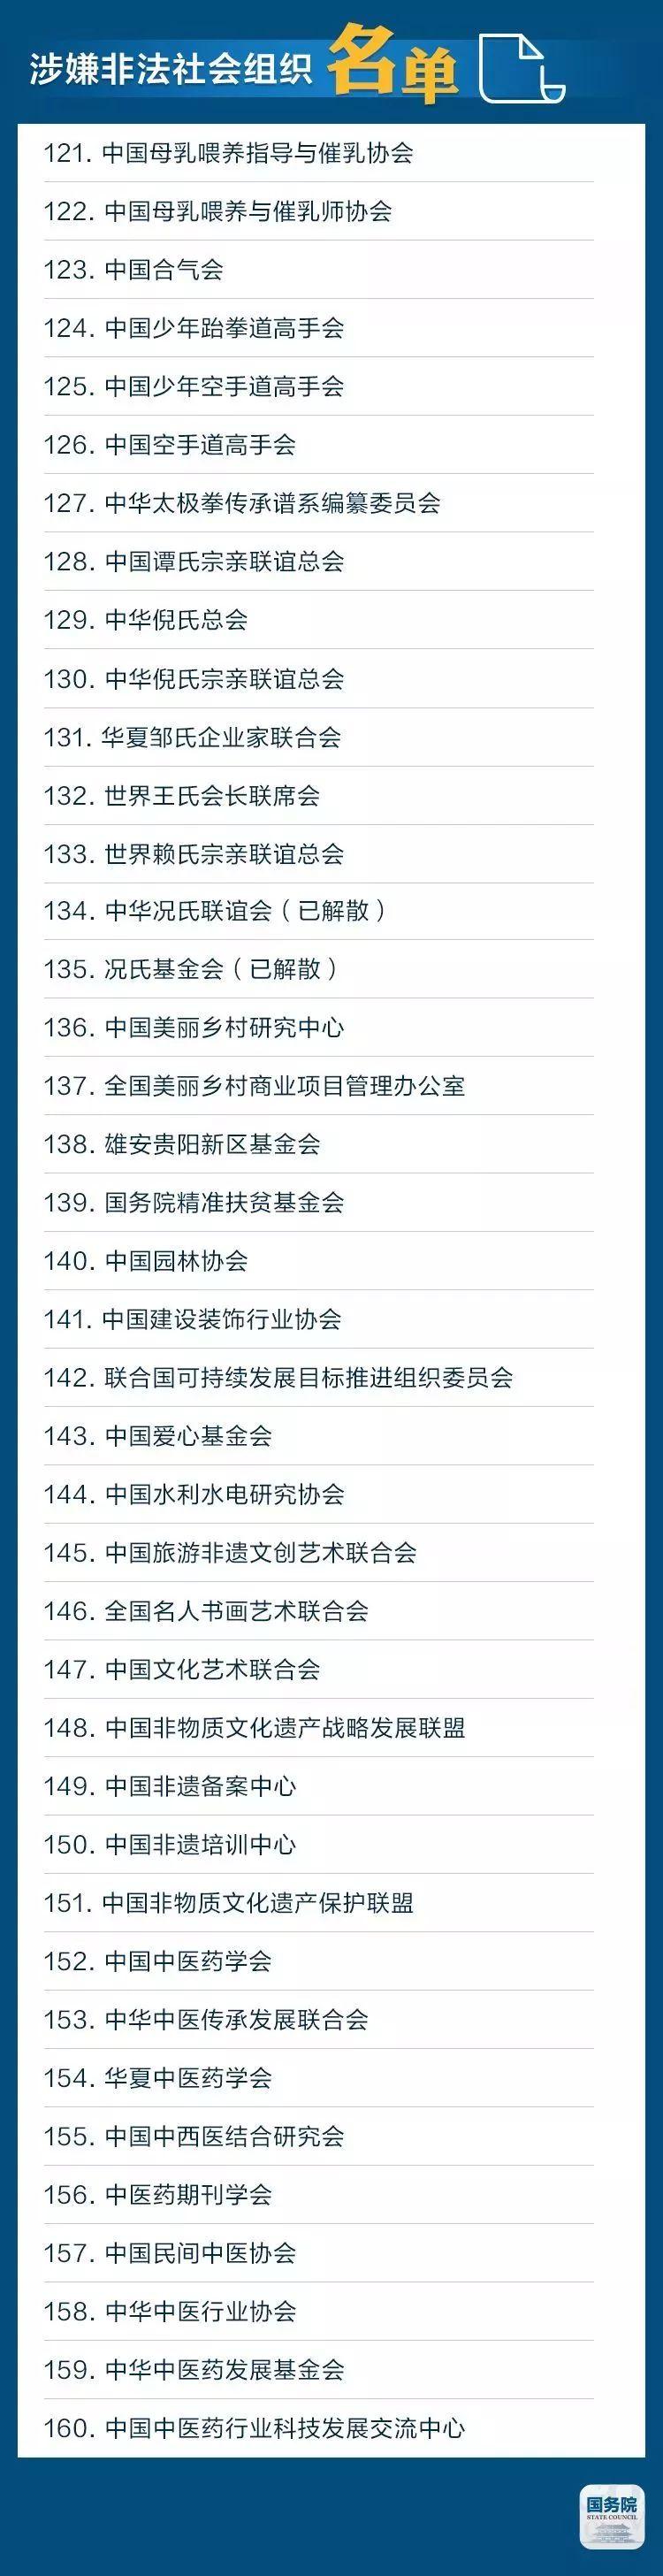 中国建筑业联合会等被认定为涉嫌非法组织,别上当!_7